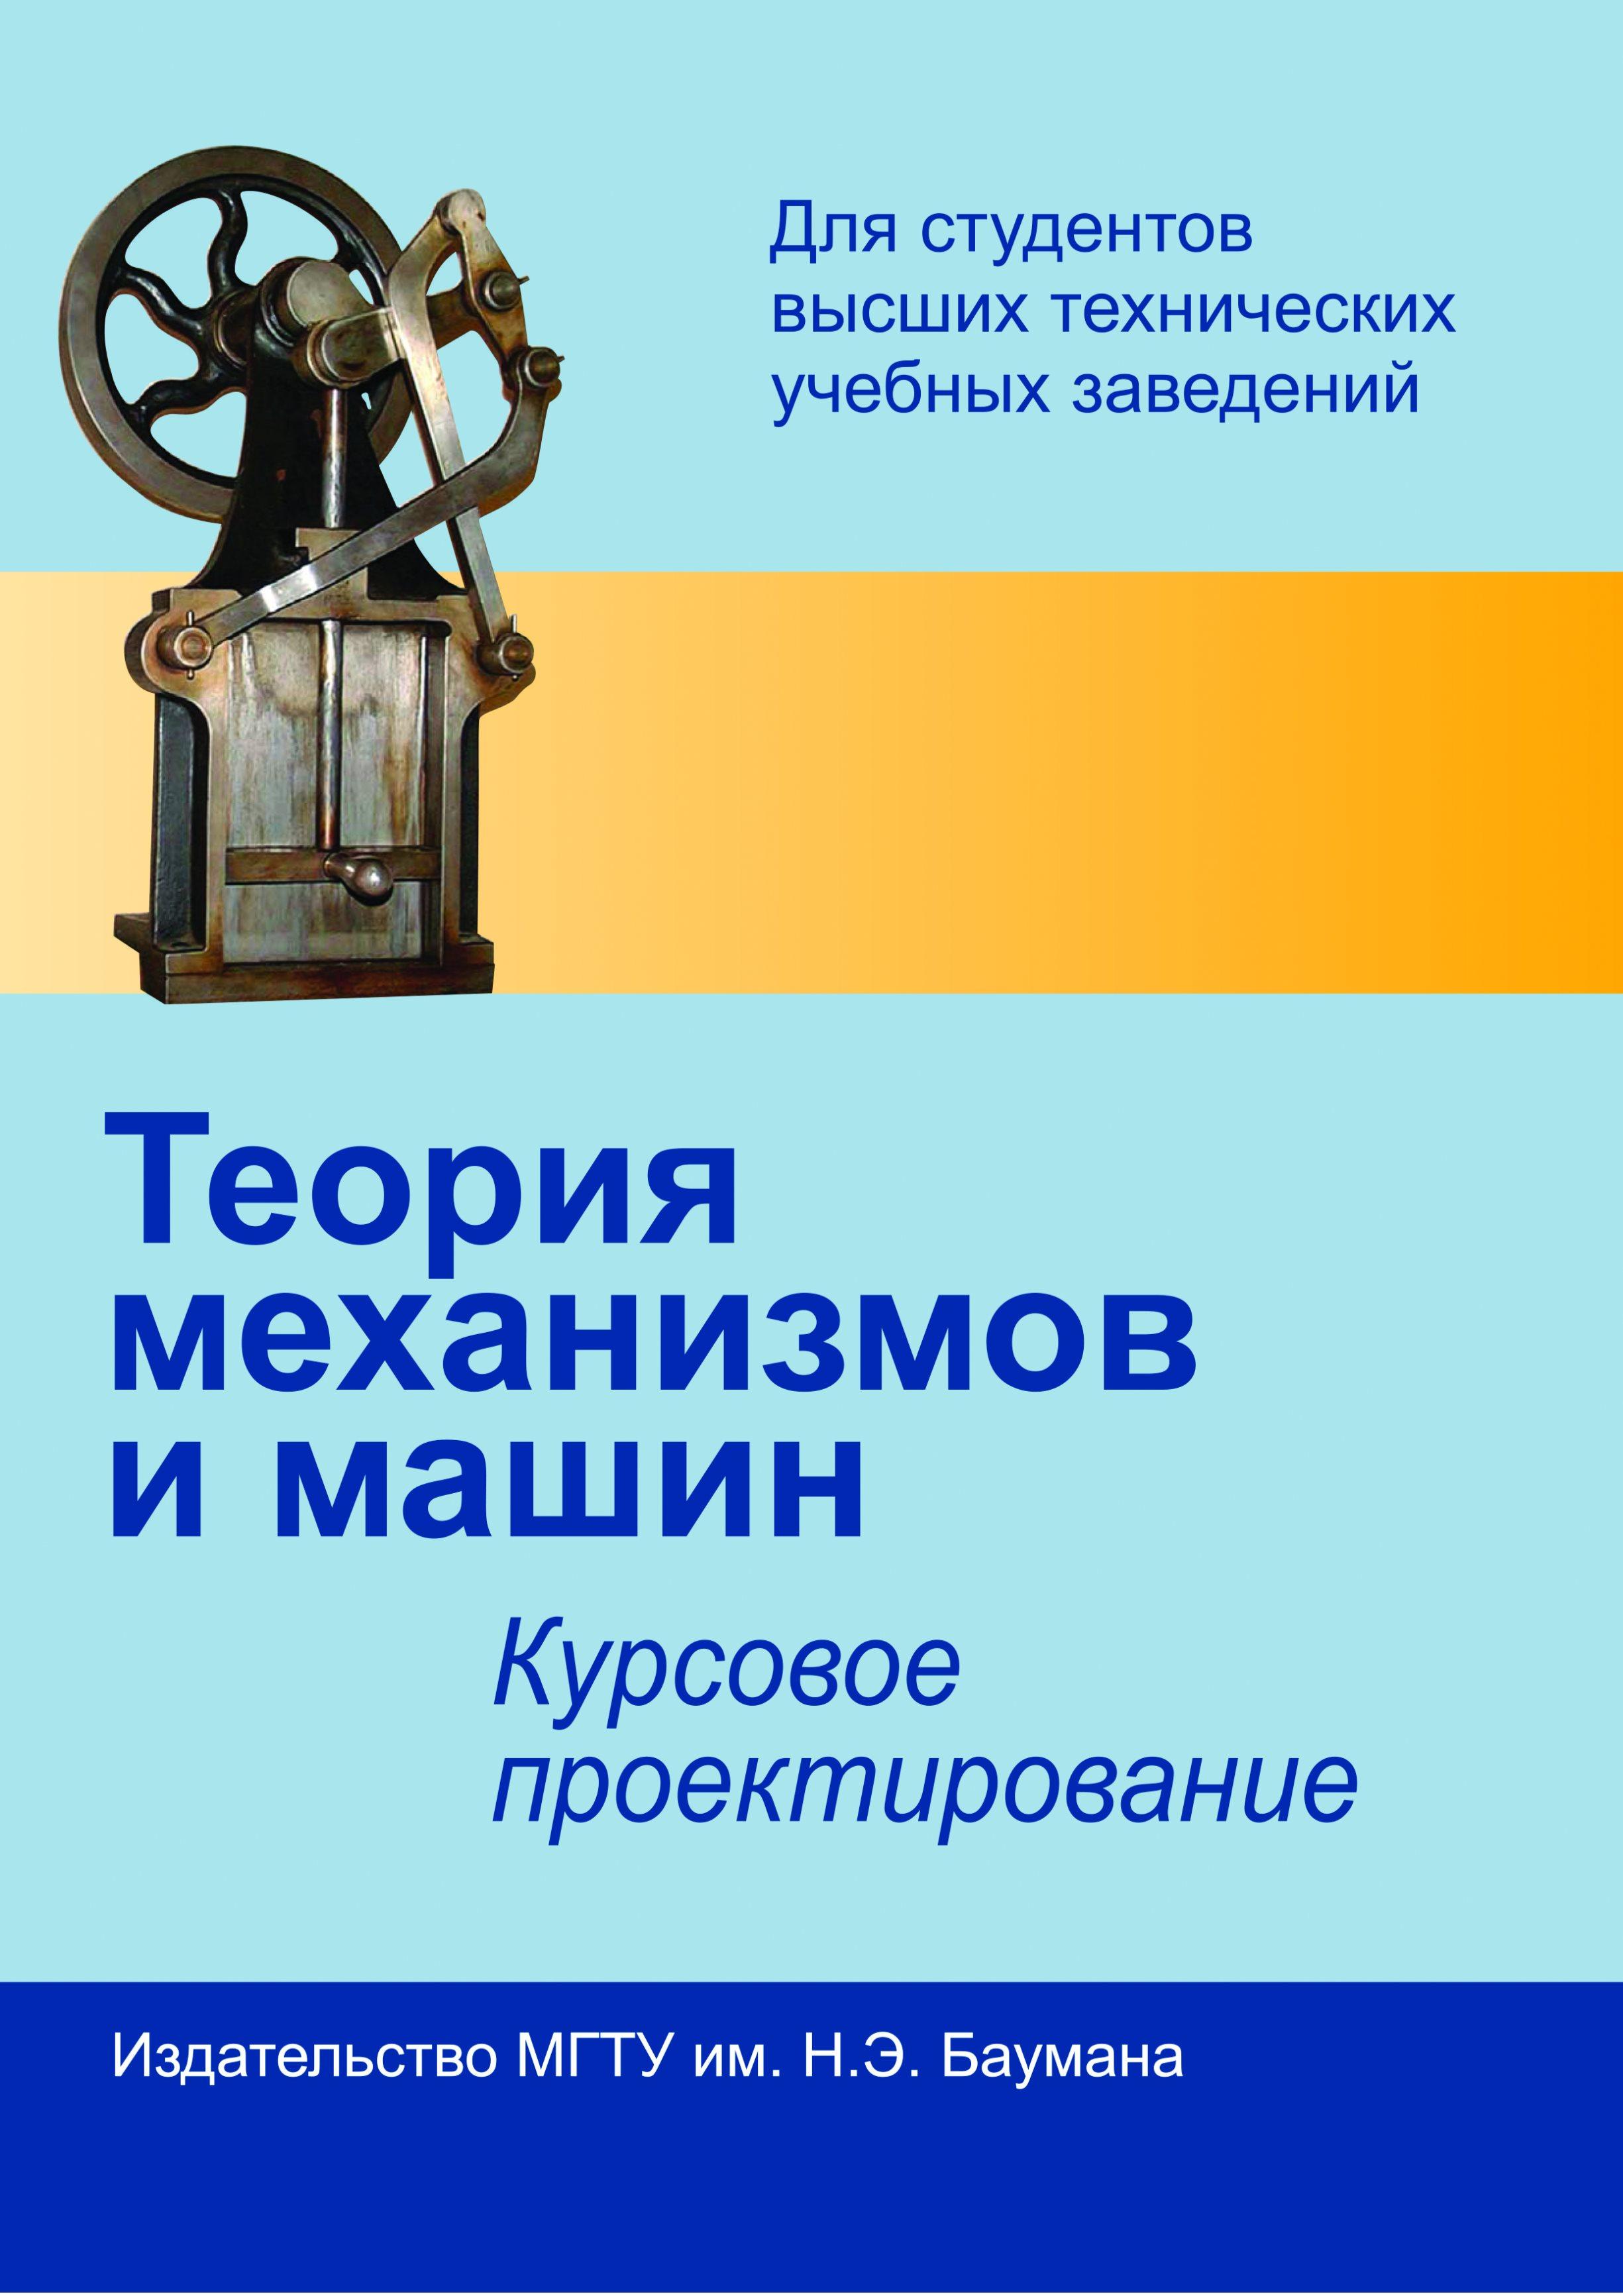 Геннадий Алексеевич Тимофеев Теория механизмов и машин. Курсовое проектирование владимир попов теория механизмов и машин